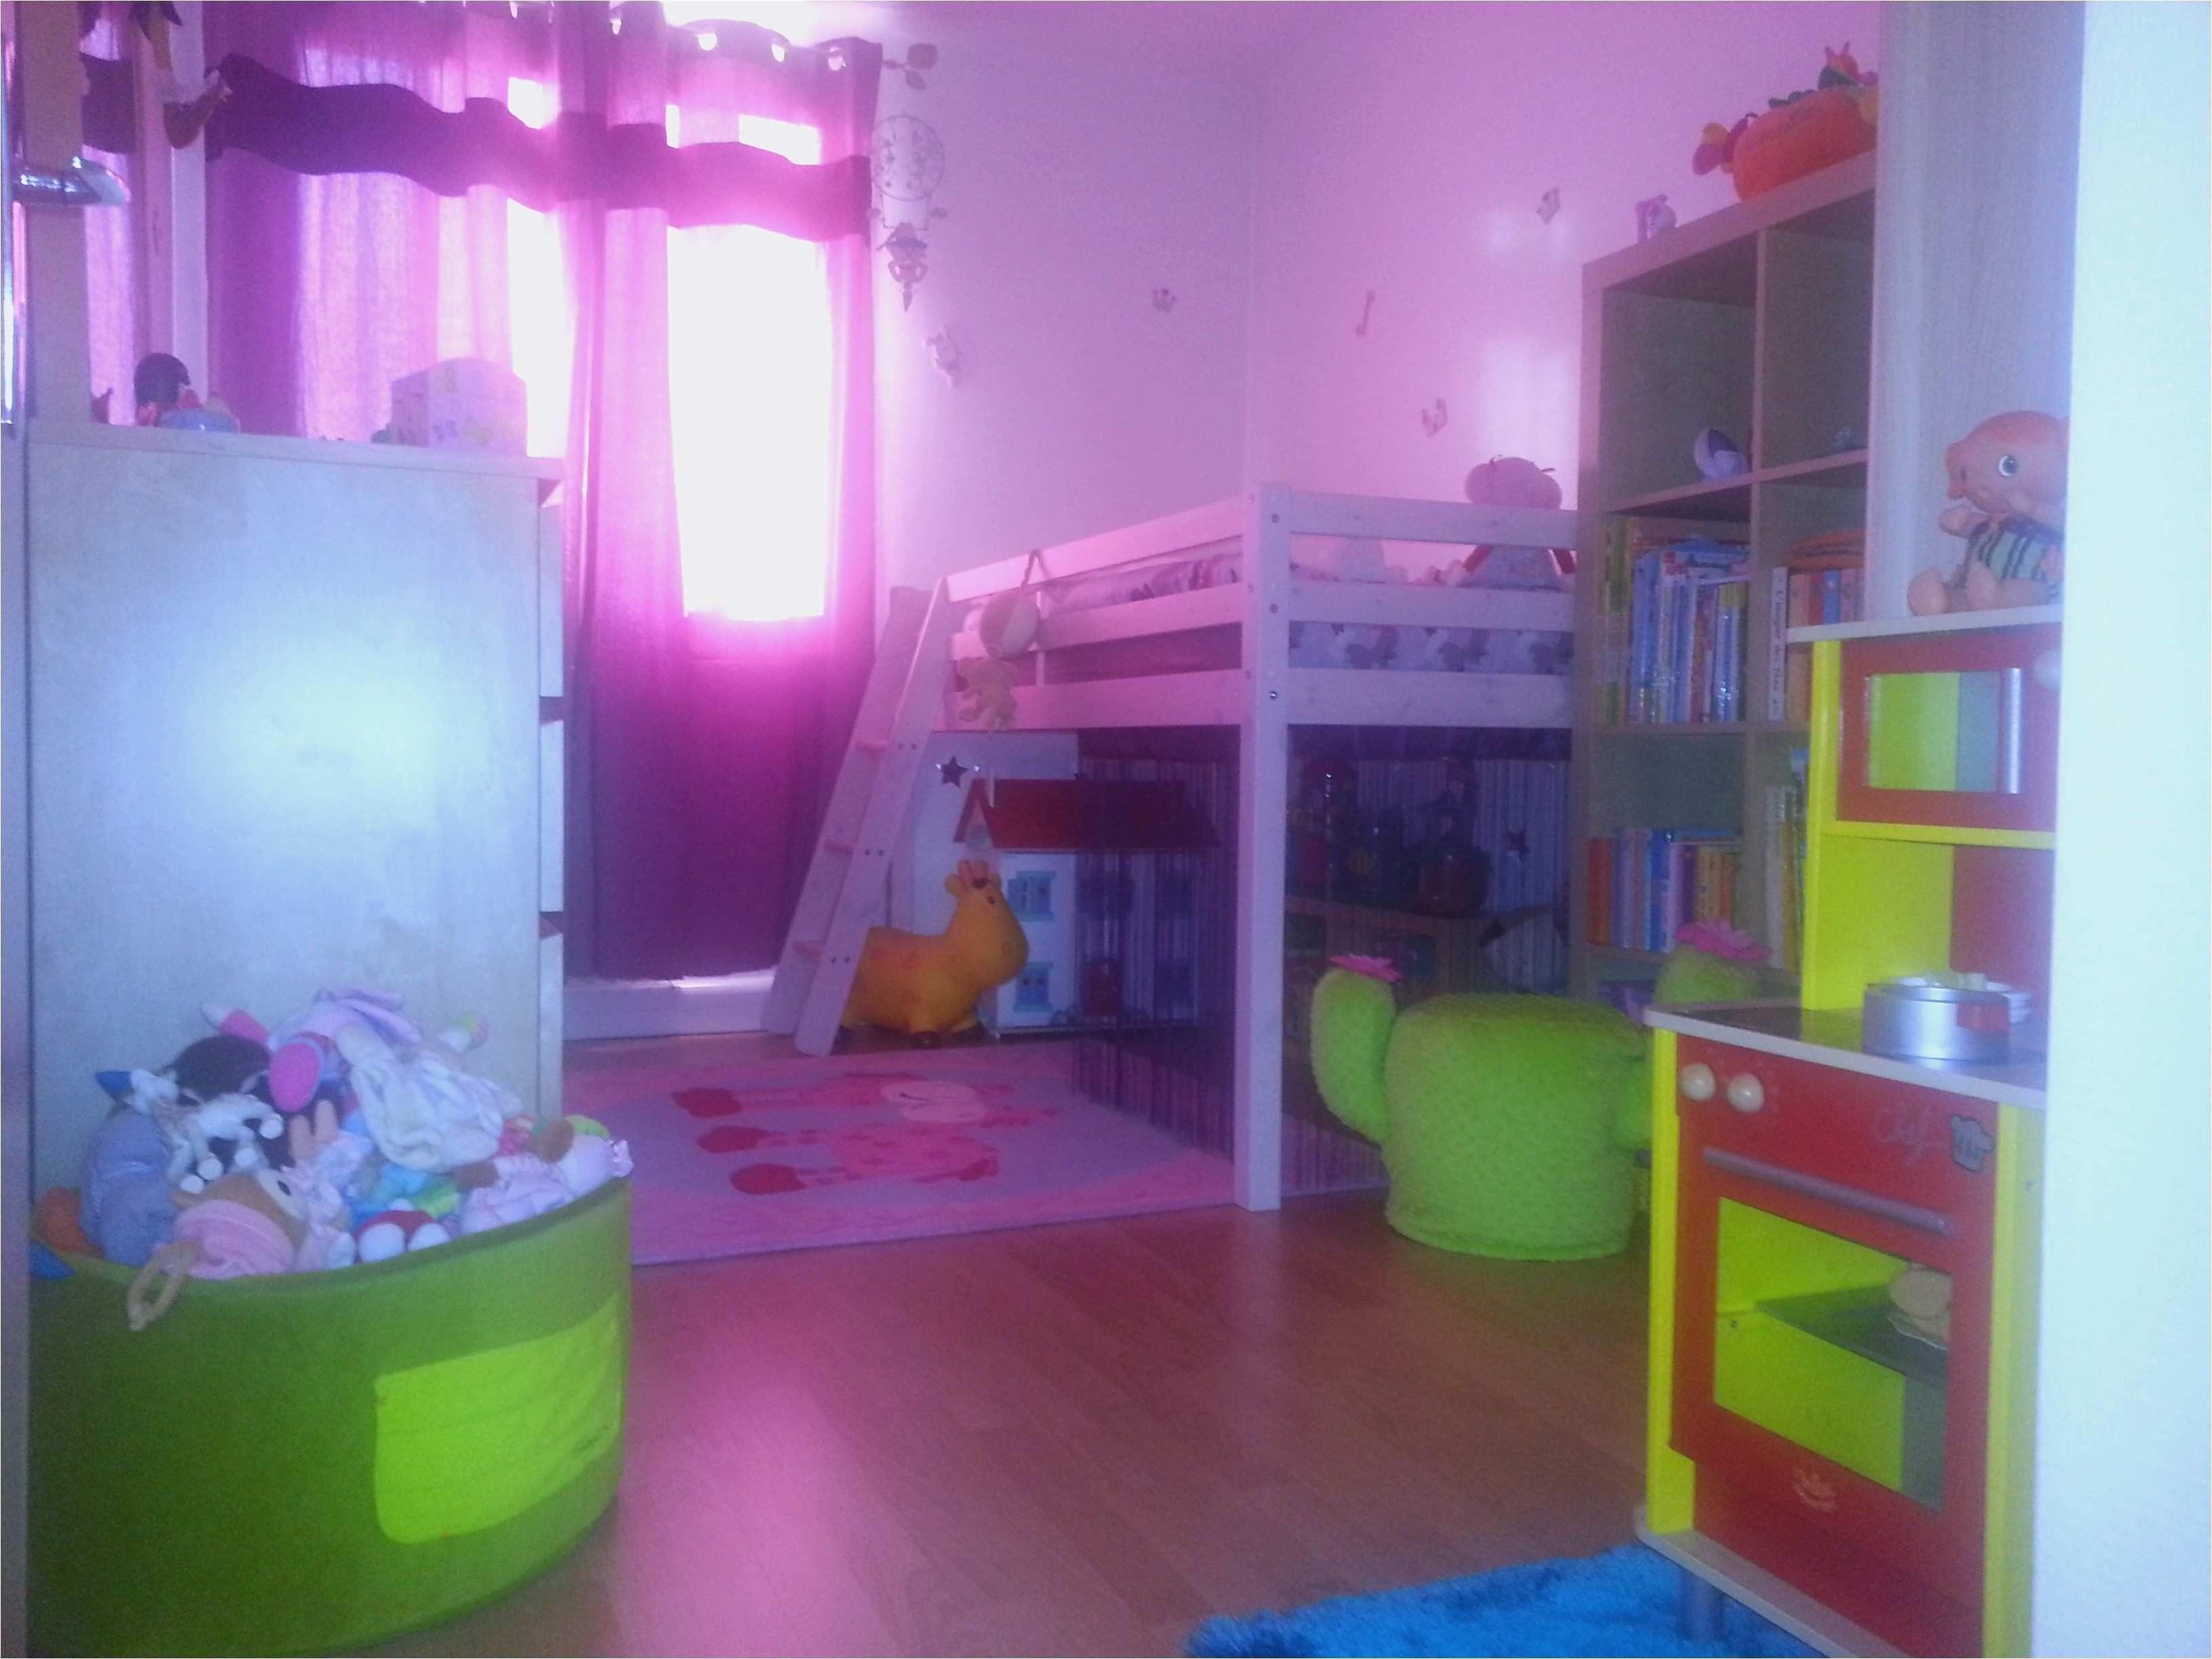 Lit Bébé Petit Espace Douce Chambre Bébé Petit Espace Chambre Pour Bébé Nouveau Chambre Adulte